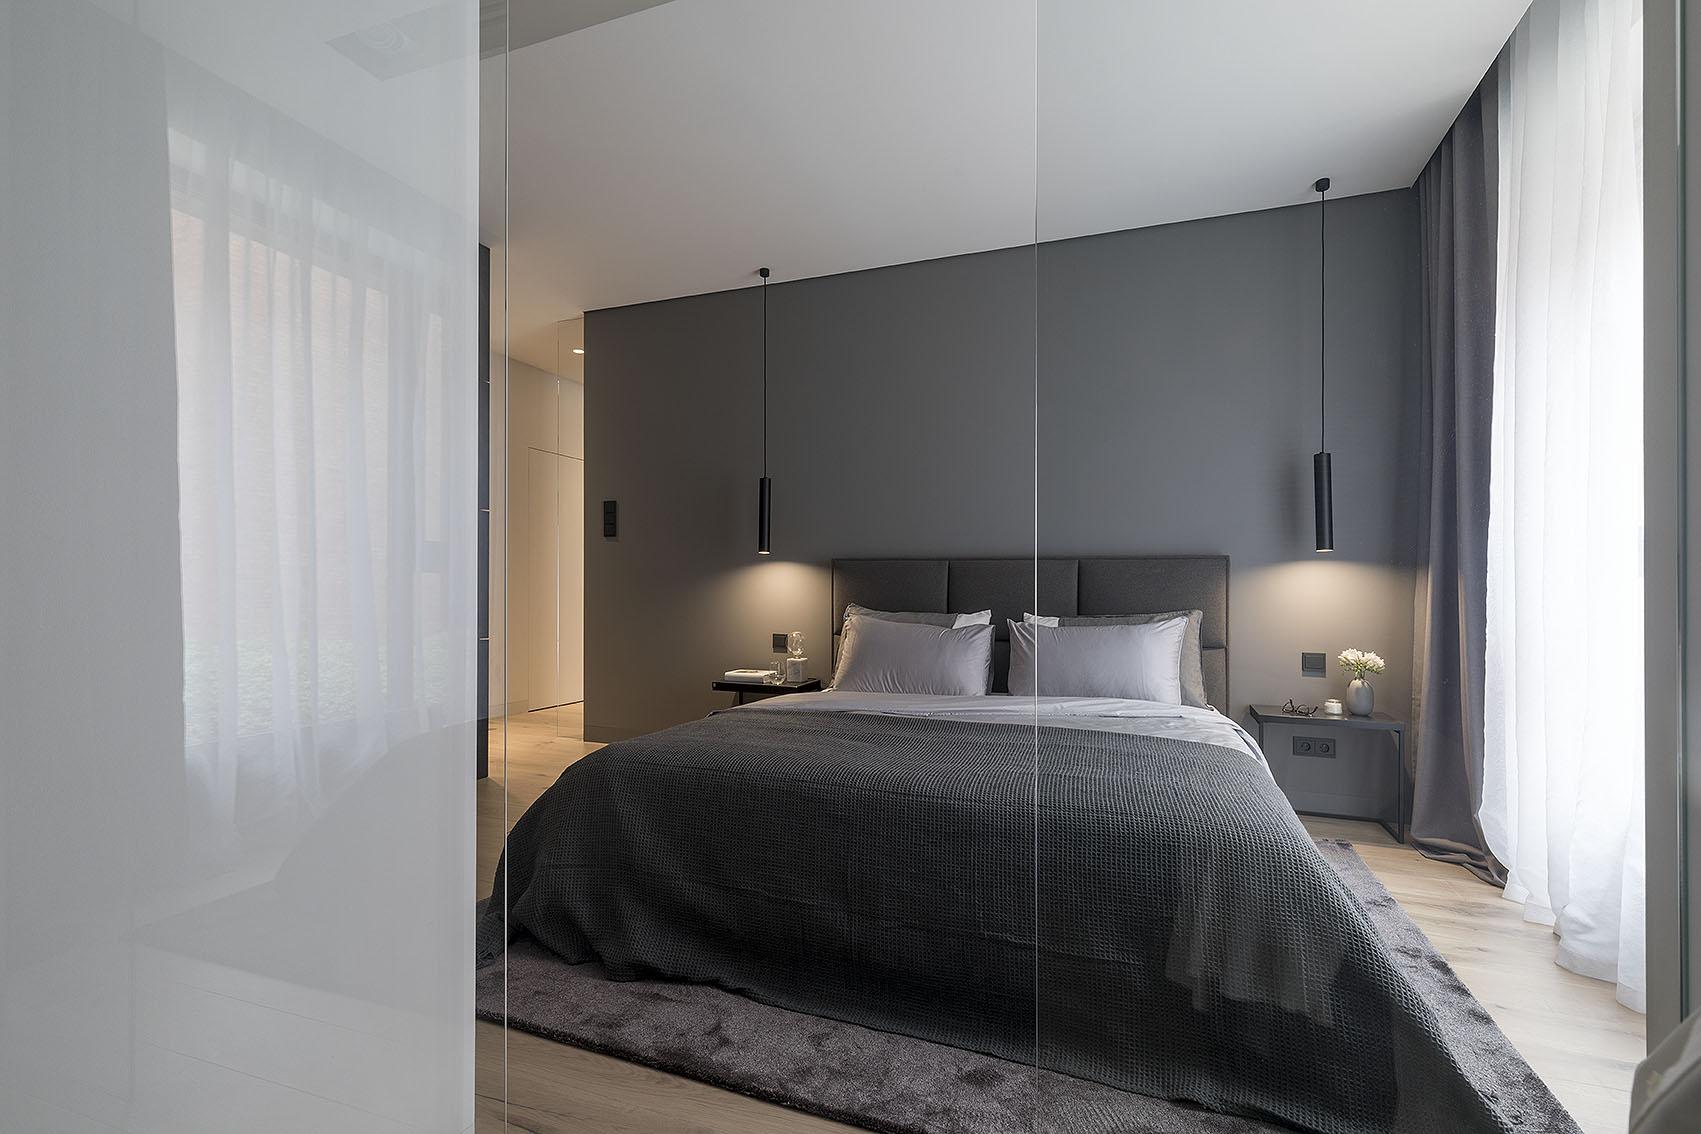 Wnętrze sypialni w szarościach, stoliki nocne oświetlone zwieszonymi lampami, narzuta przykrywająca łóżko stojące na dywanie.